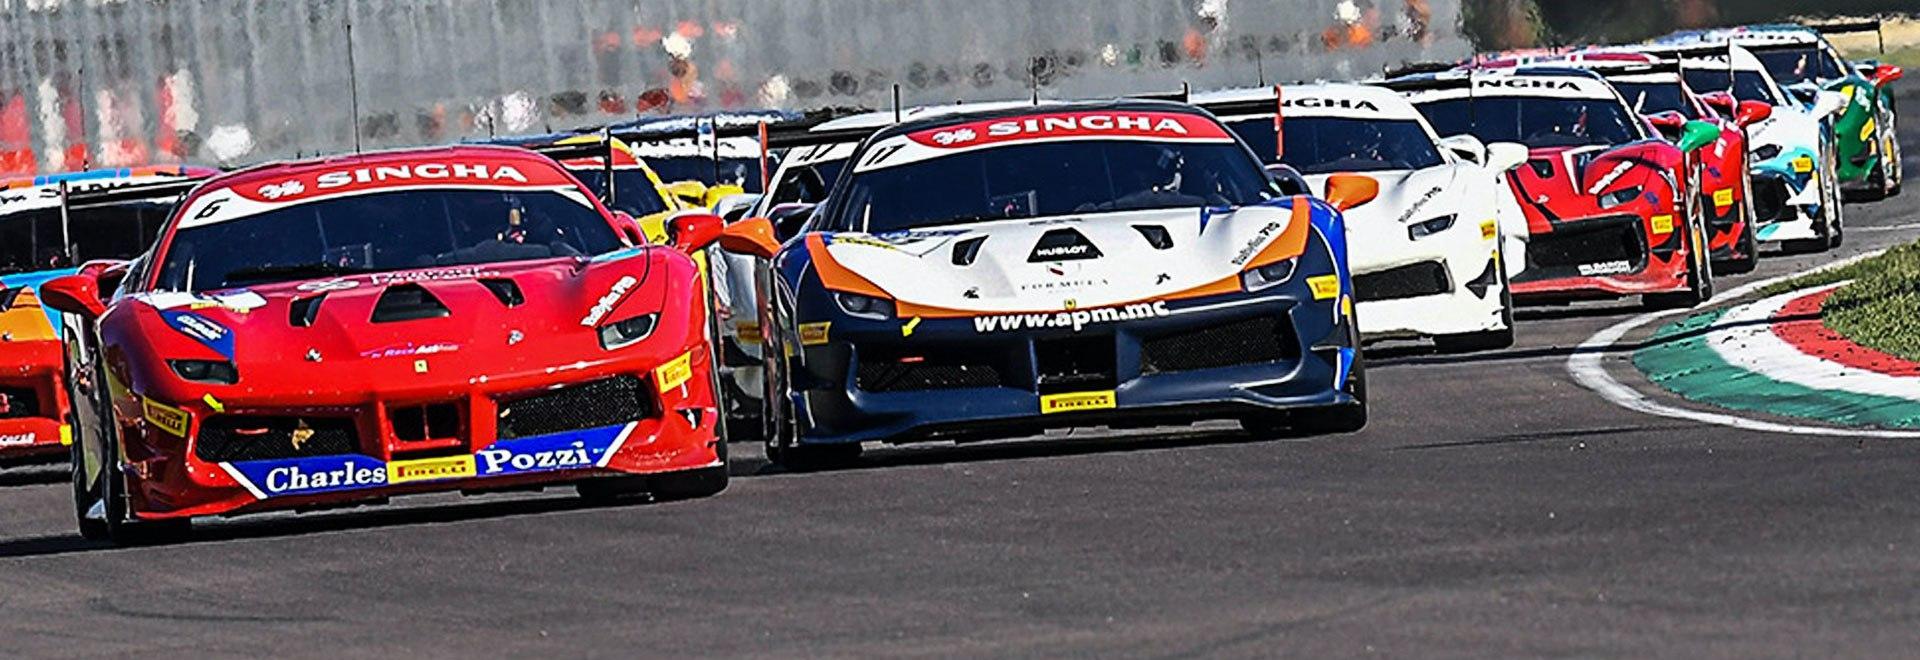 Trofeo Pirelli Mugello. Gara 1